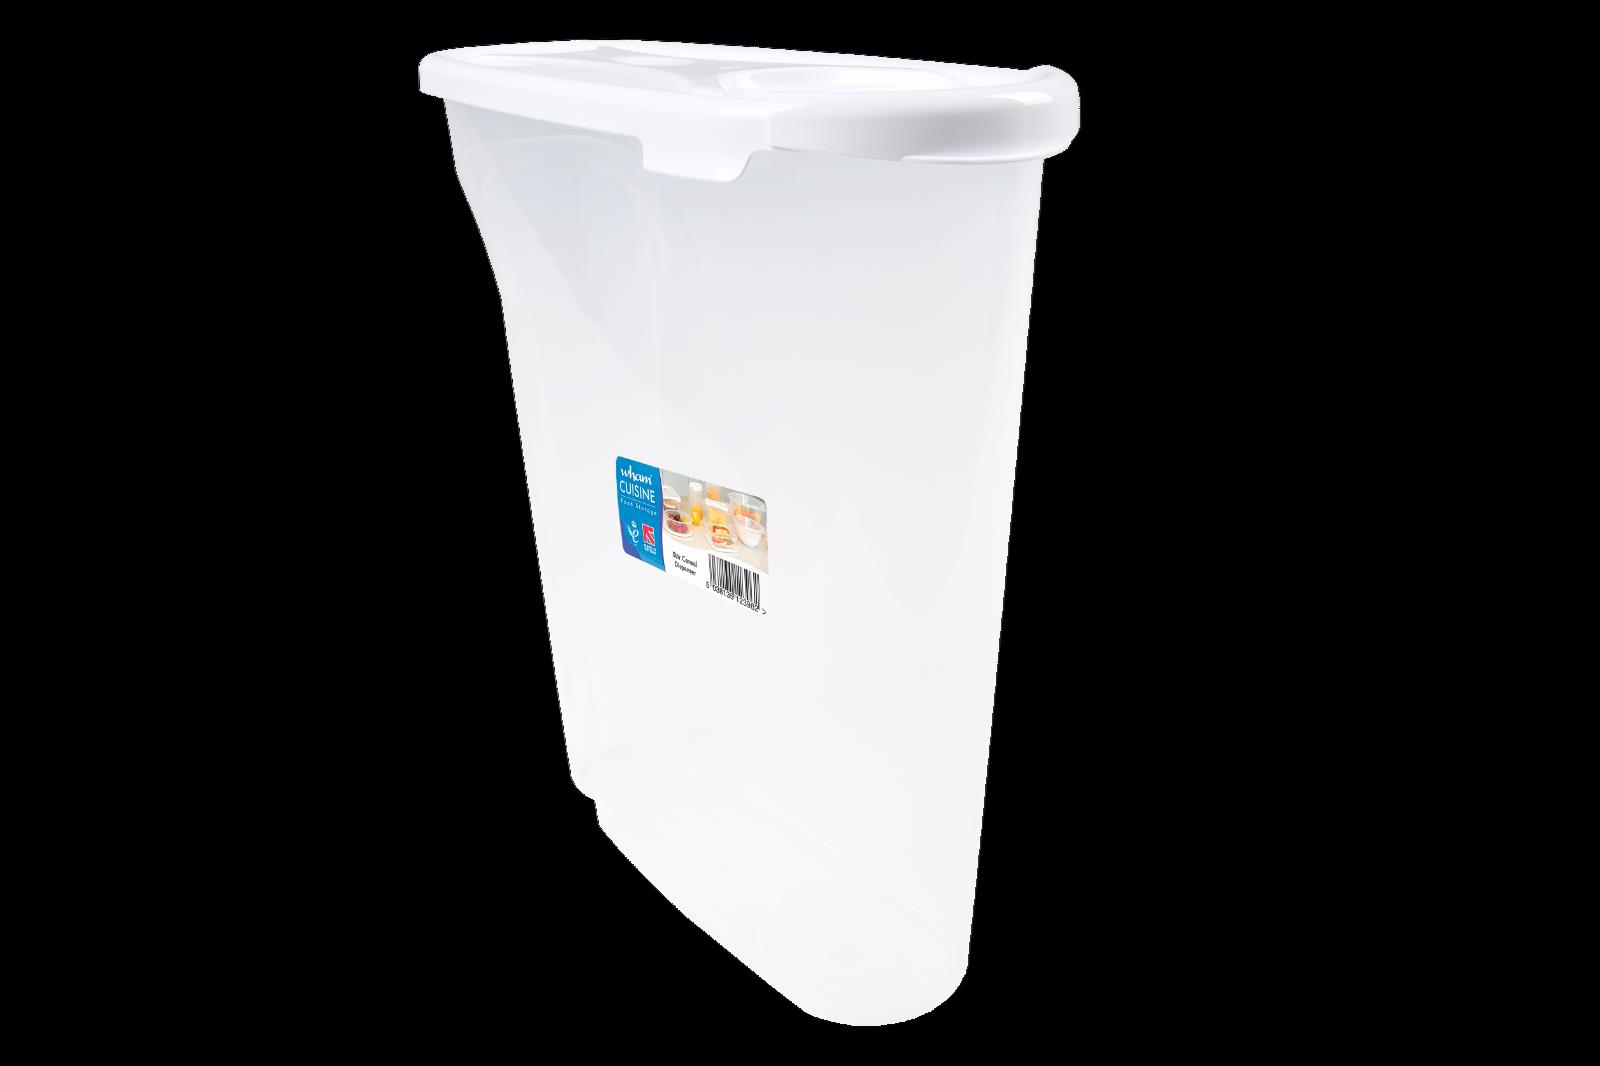 Wham 5.0 litre cereal dispenser